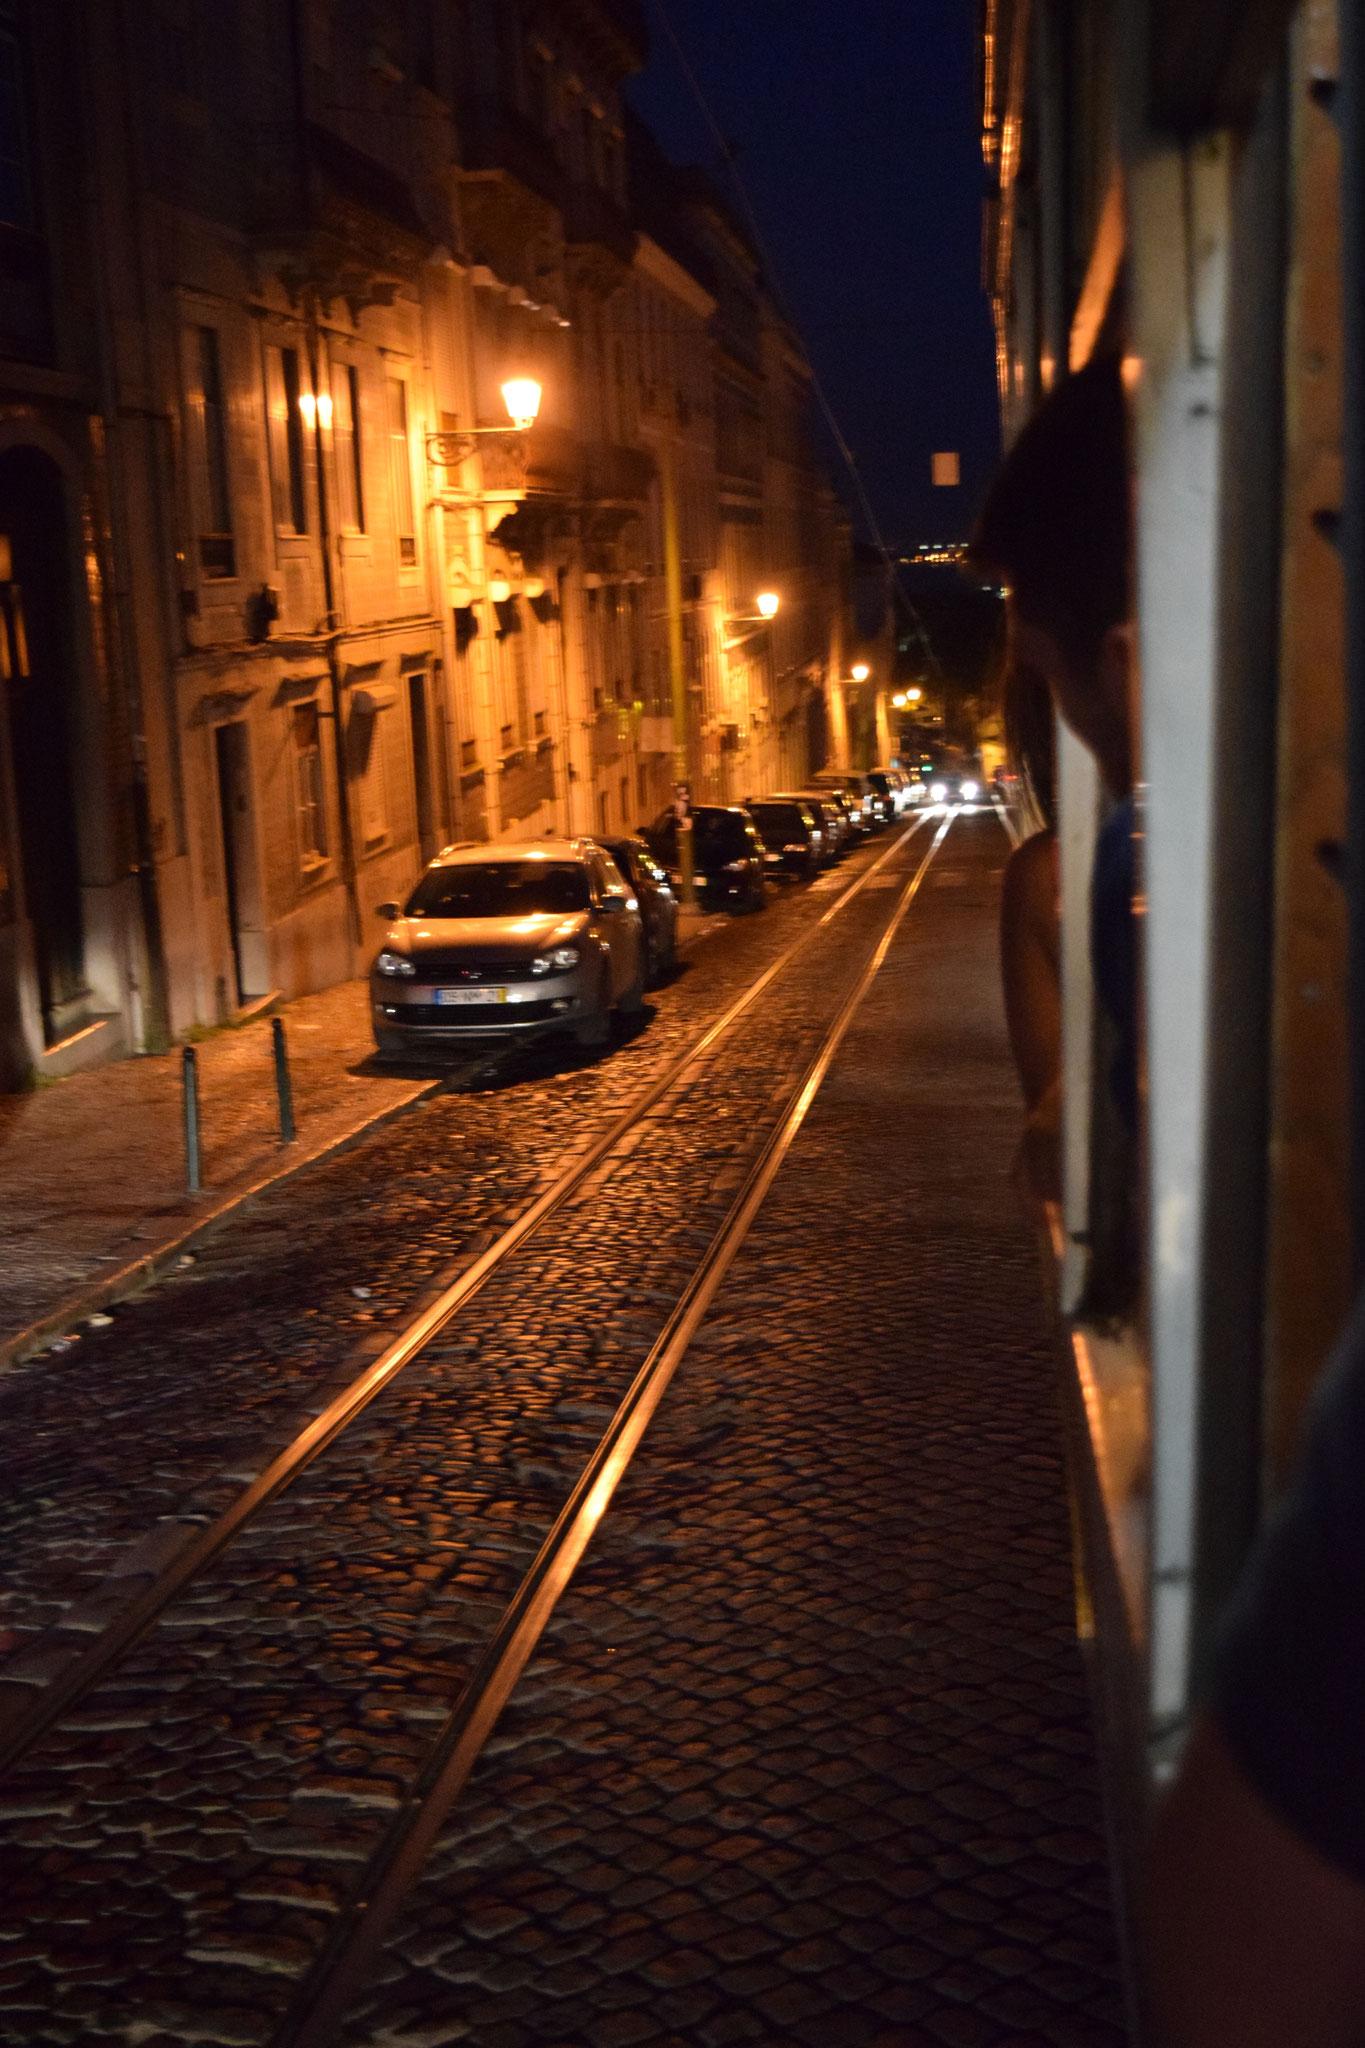 Meine Reiseempfehlungen für Lissabon in Portugal, wie die Tram 28.